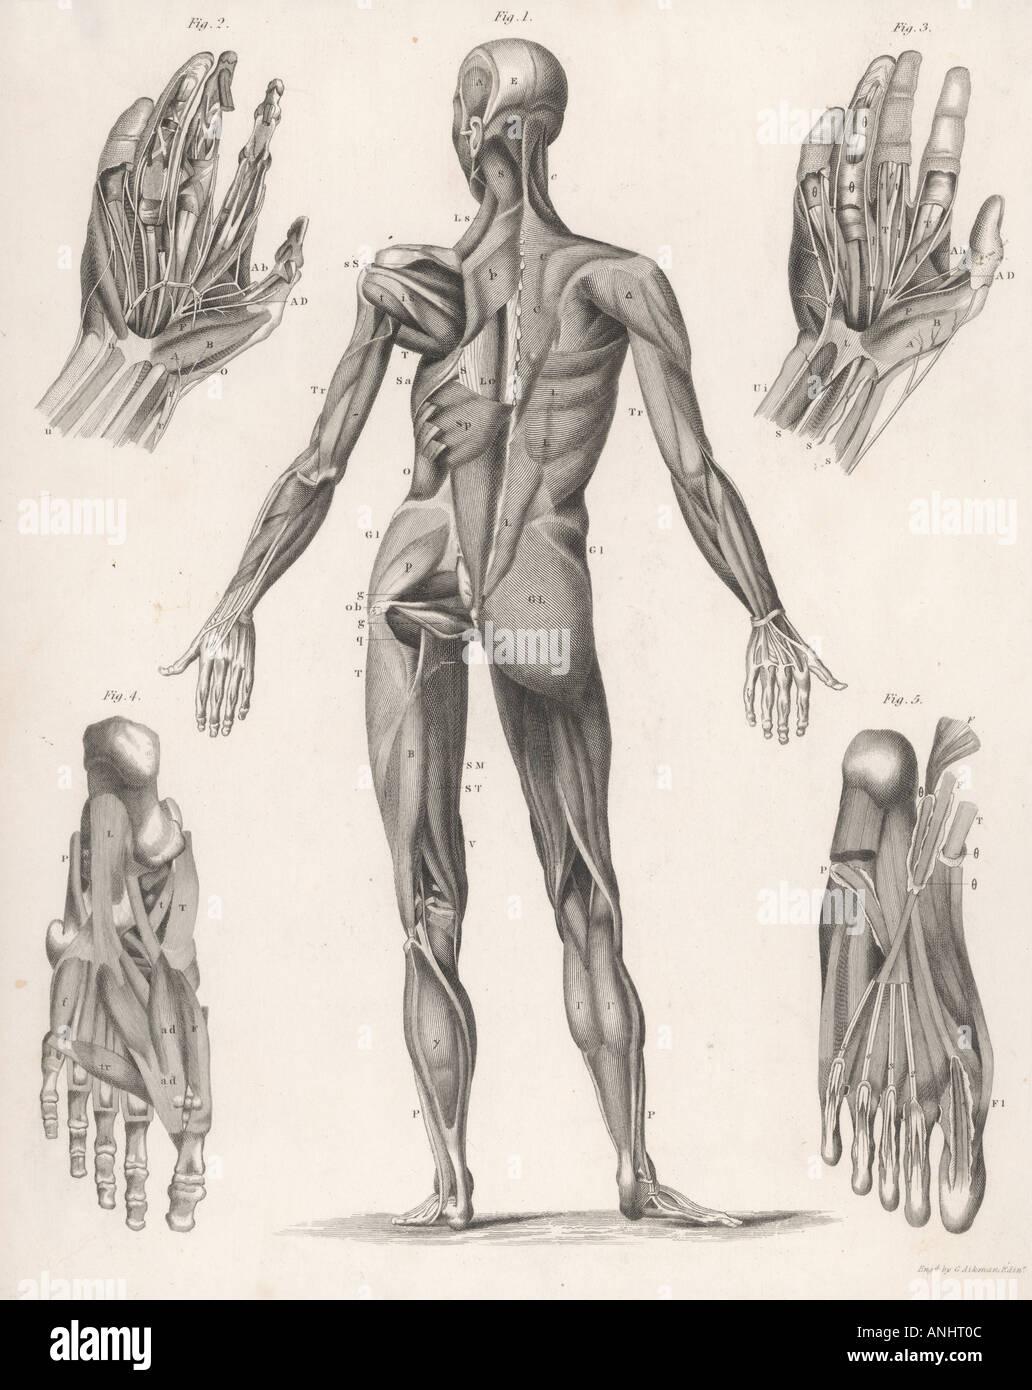 Anatomy Whole Body Stock Photo: 5071883 - Alamy